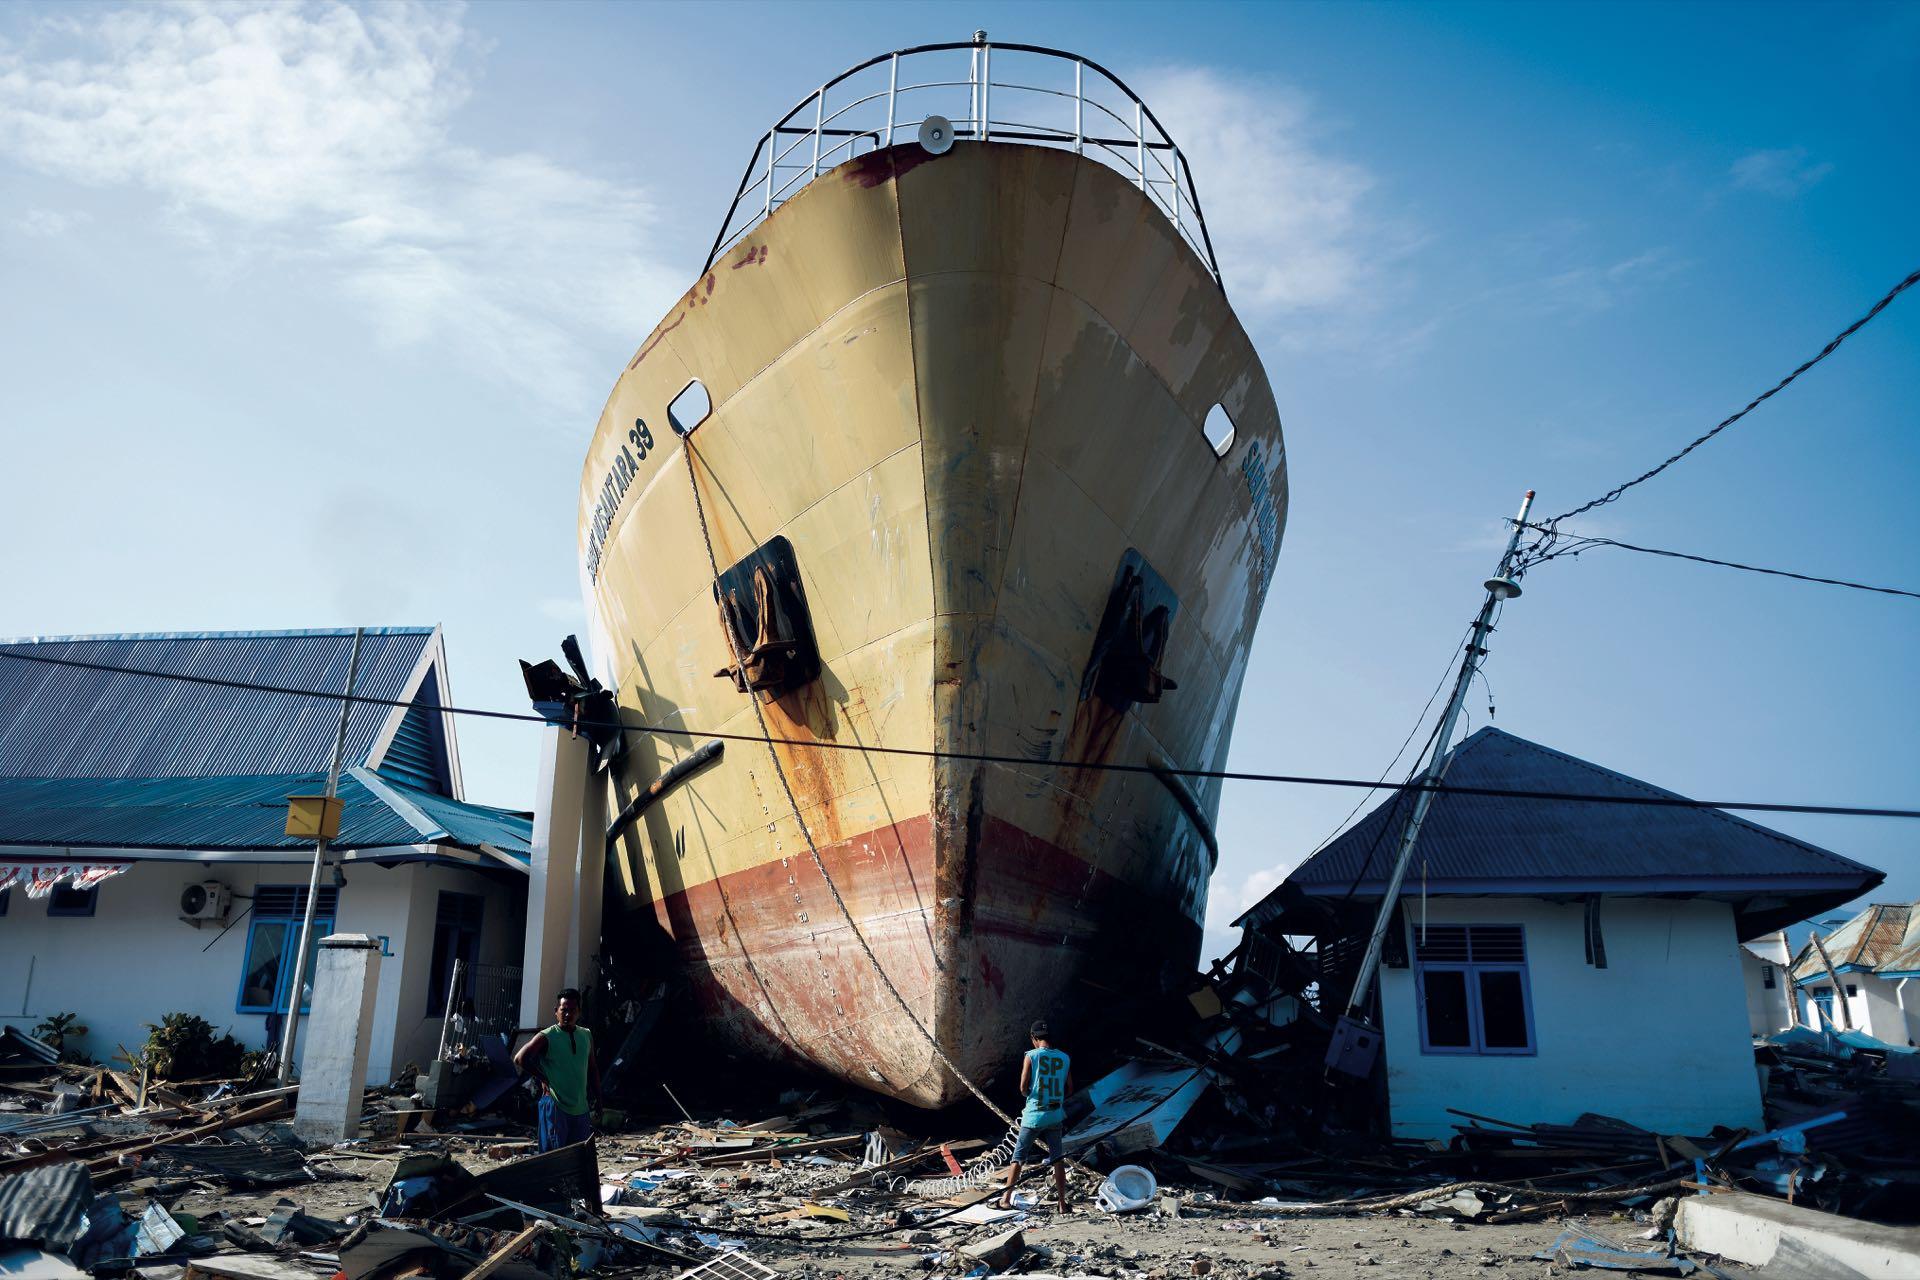 Octubre. El terremoto y el tsunami que asolaron Indonesia –en otra reacción de un planeta al que lastimamos– dejaron casi dos mil muertos, muchísimos heridos y 70 mil evacuados. Olas de seis metros, combinadas con el movimiento telúrico, devastaron ciudades. Y entre las imágenes más impresionantes se encuentra ésta, la de un barco entre las casas destruidas en Wani.